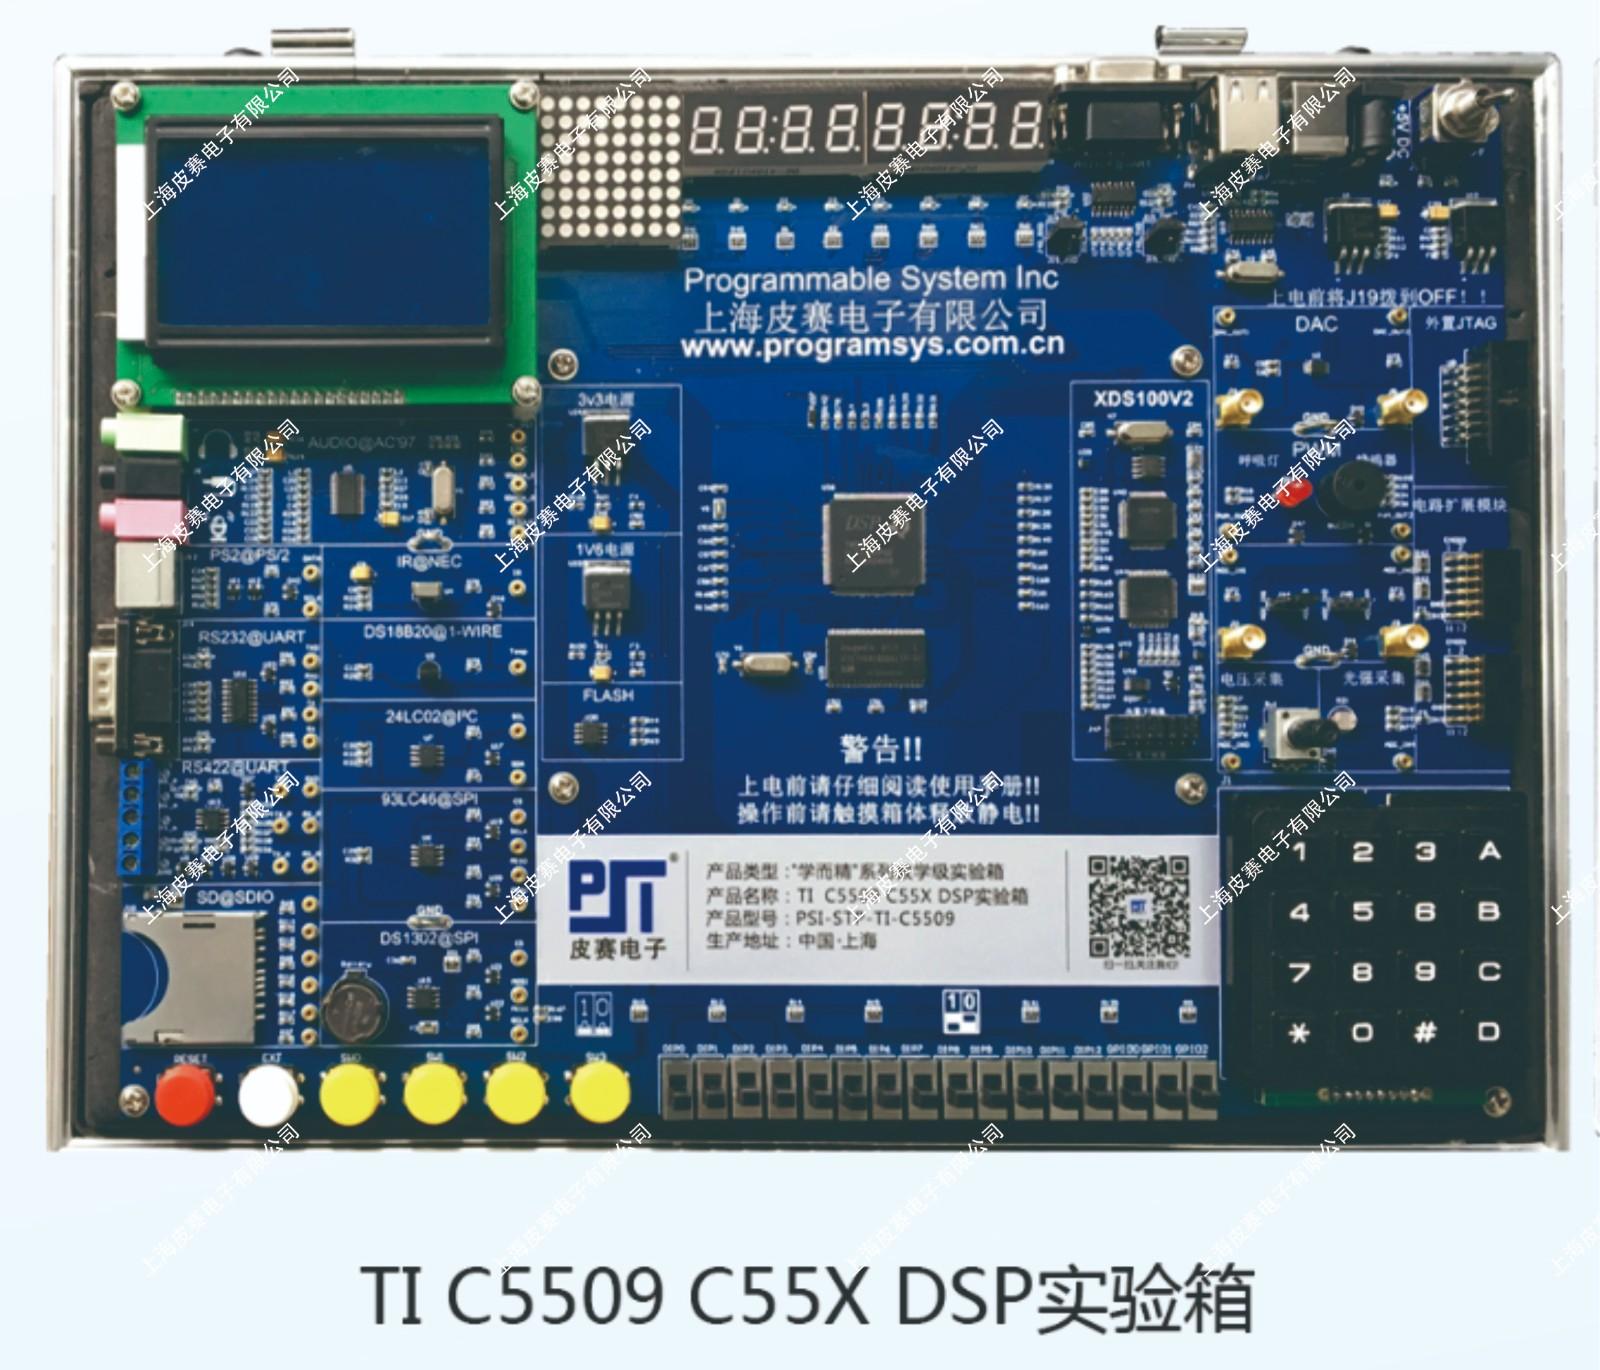 TI C5509 C55X DSP实验箱